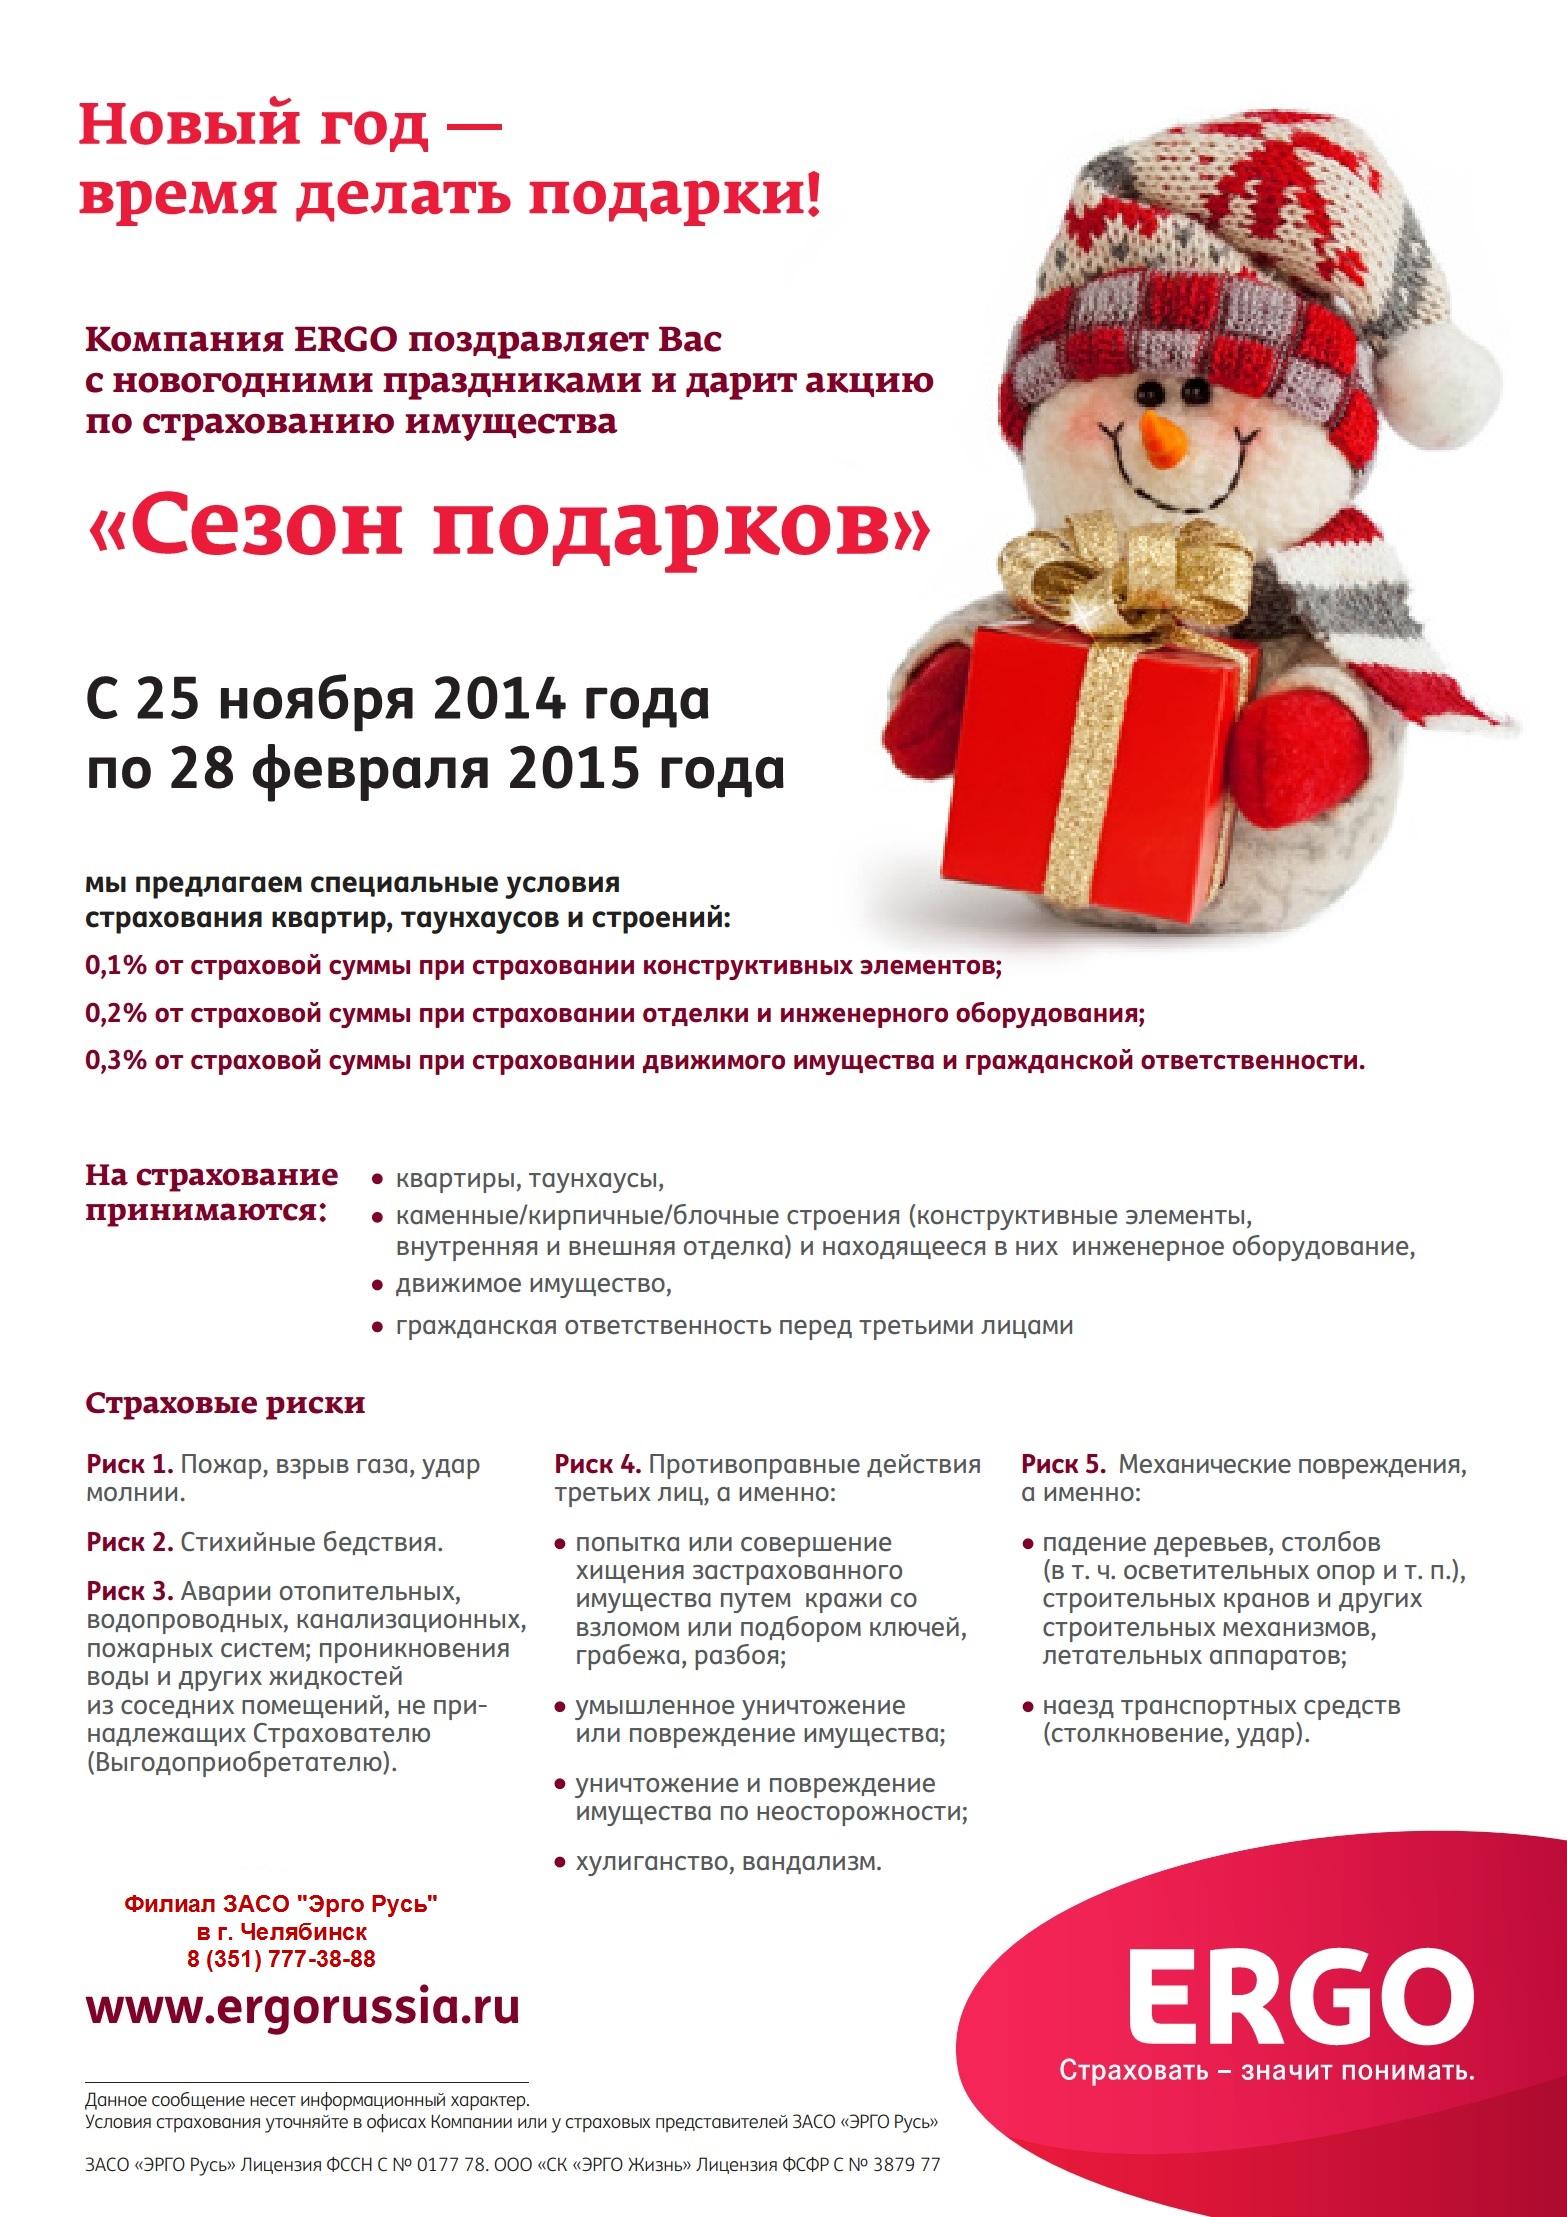 Dom_za_3000 rublei